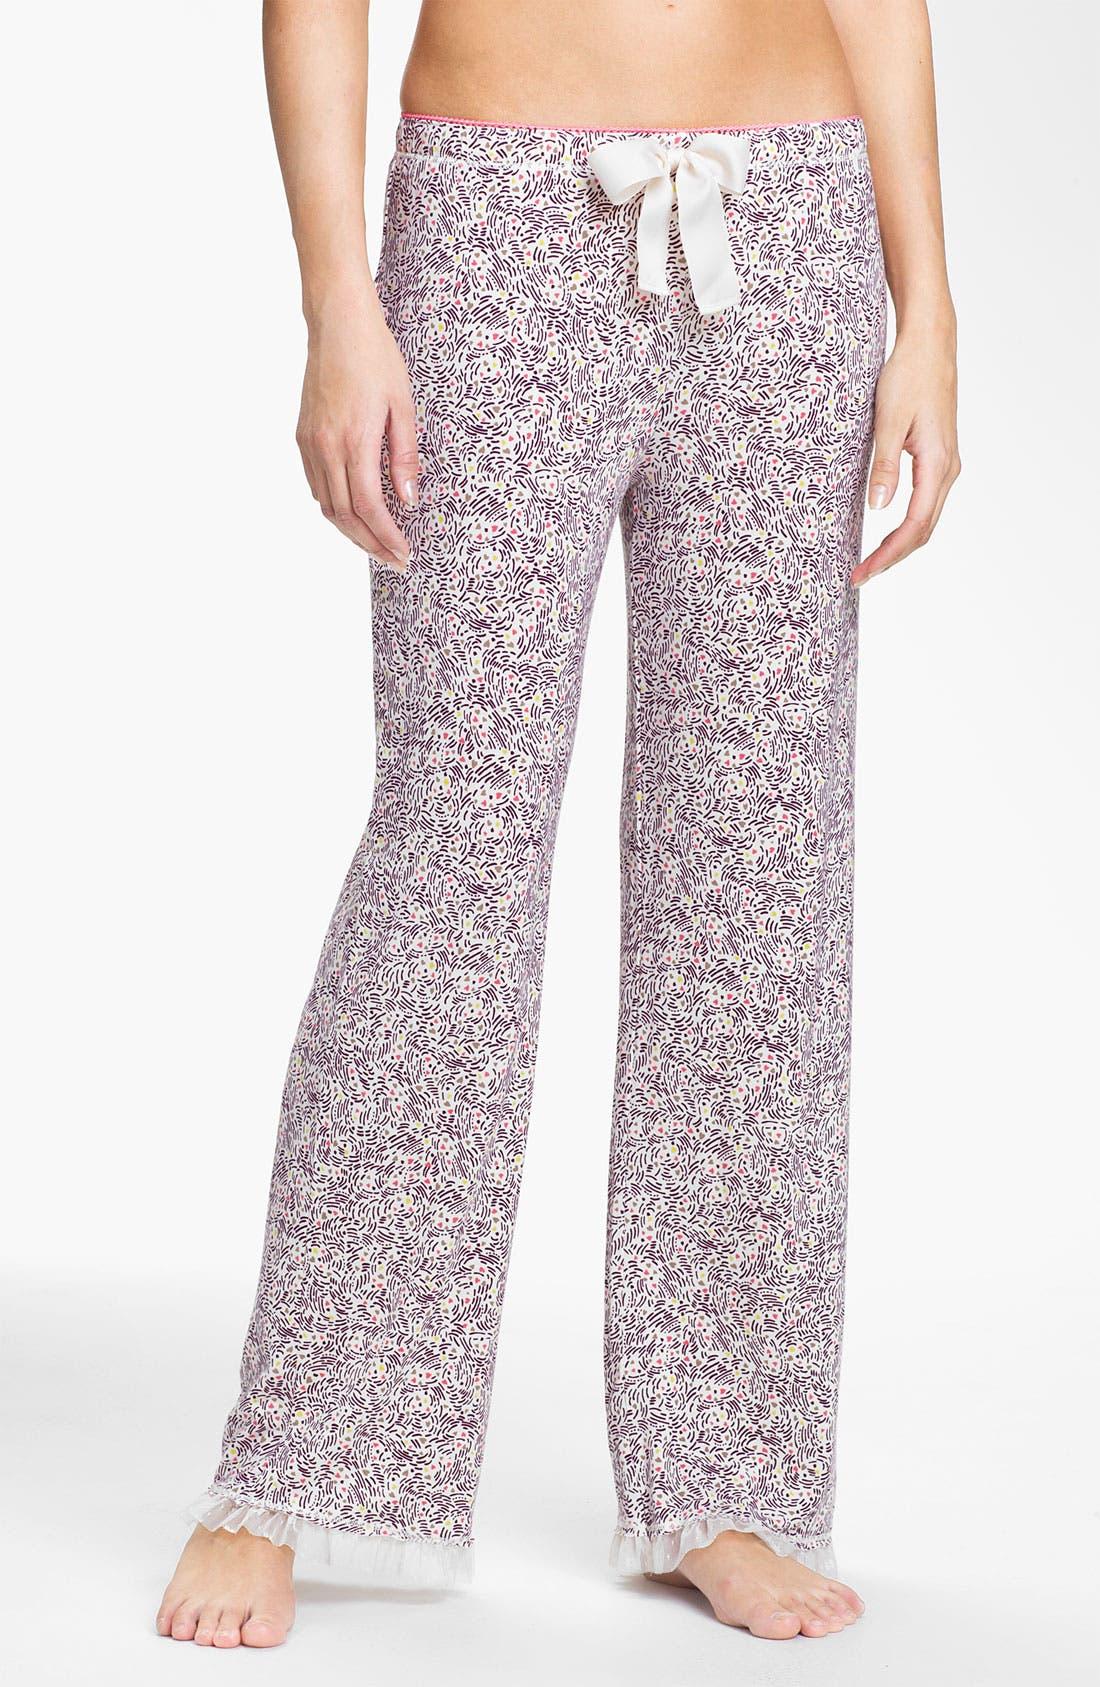 Alternate Image 1 Selected - Kensie 'Starry Eyes' Lounge Pants